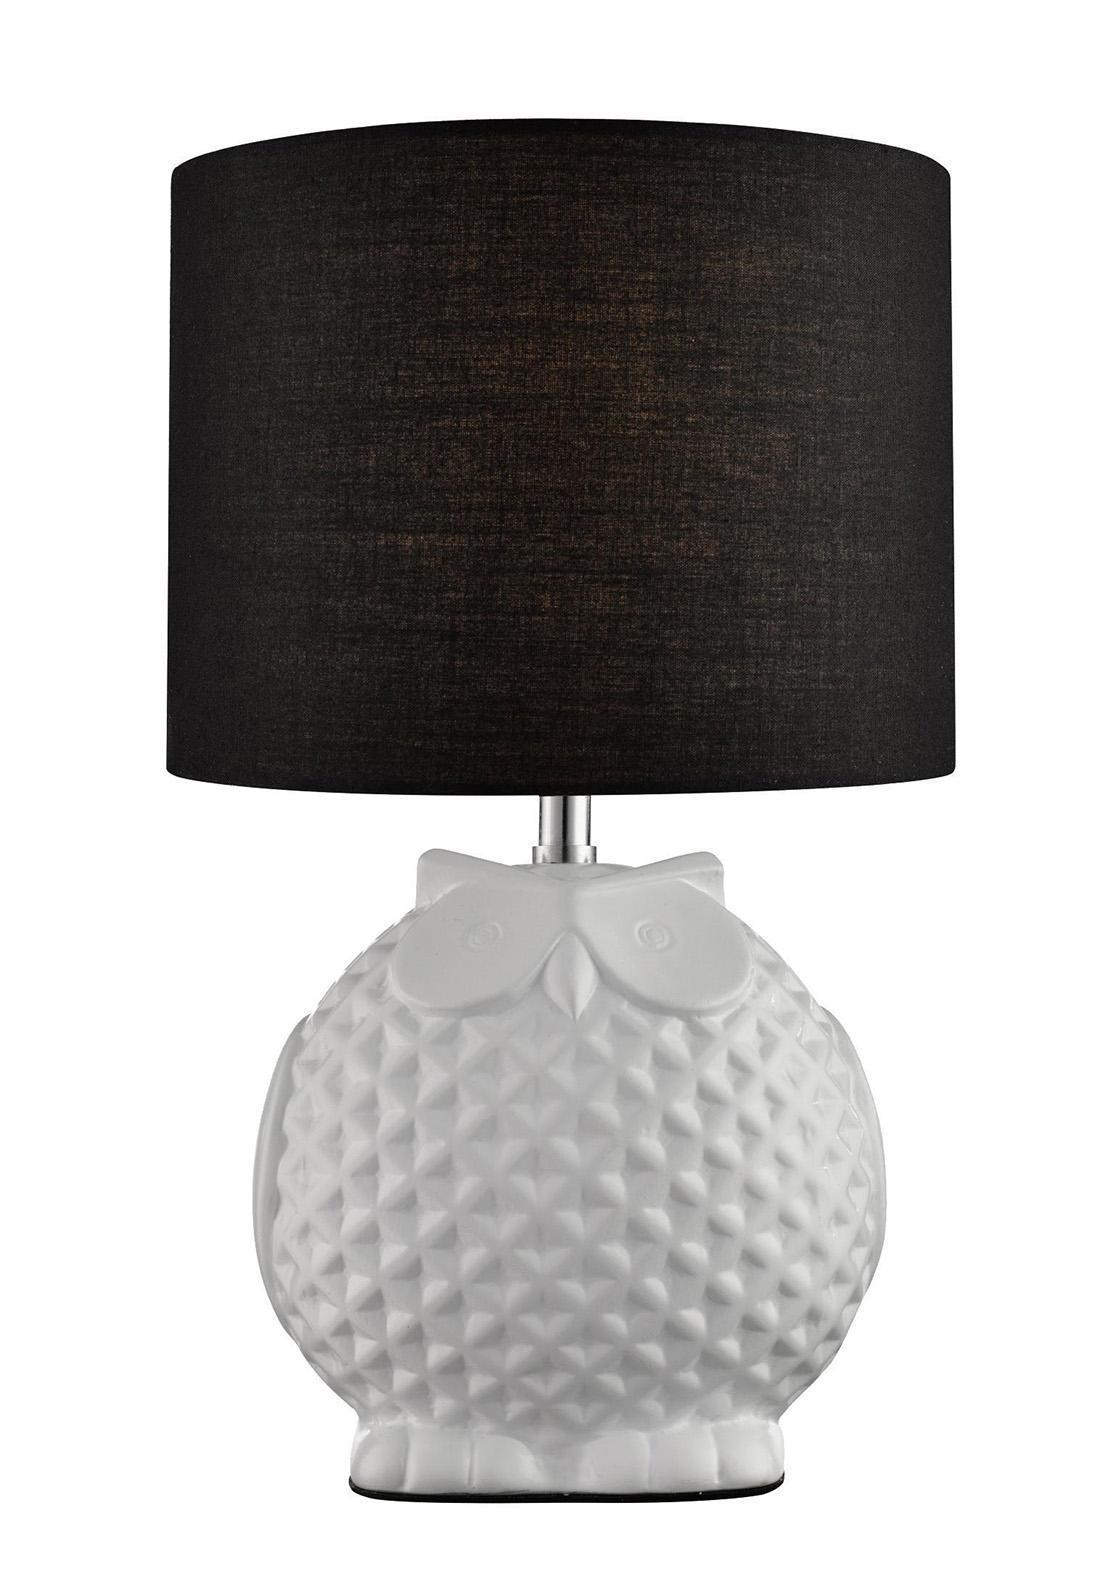 A1582LT-1BK GAMBA Настольный светильникA1582LT-1BKНастольная лампа Arte Lamp A1582LT-1BK Gamba — это высокое качество по приемлемой цене. Вся продукция Arte Lamp сертифицирована согласно требований Европейских директив и имеет маркировку CE. Защита окружающей среды — обязательное условие при производстве всего ассортимента фабрики. Светильник Arte Lamp A1582LT-1BK Gamba — это гармония между функциональностью и формой, где ключевую роль играет дизайн. Фабрика Arte Lamp диктует новые и перспективные тренды в дизайне.